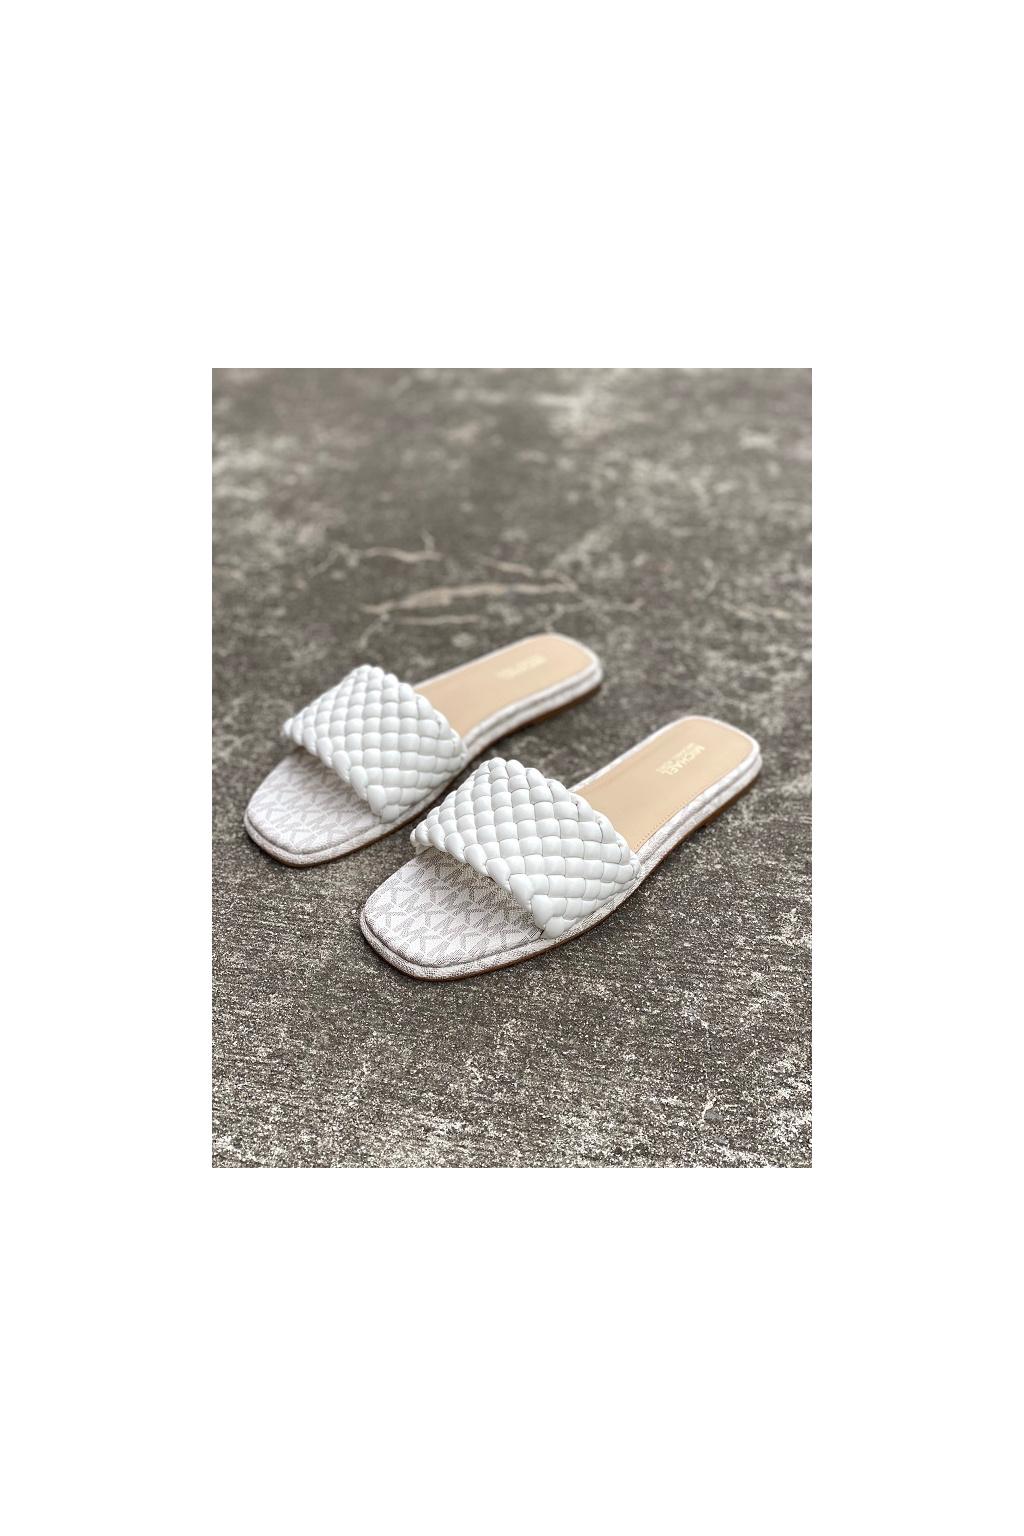 Dámské sandály Michael Kors Amelia Logo Nappa Faux Leather bílé